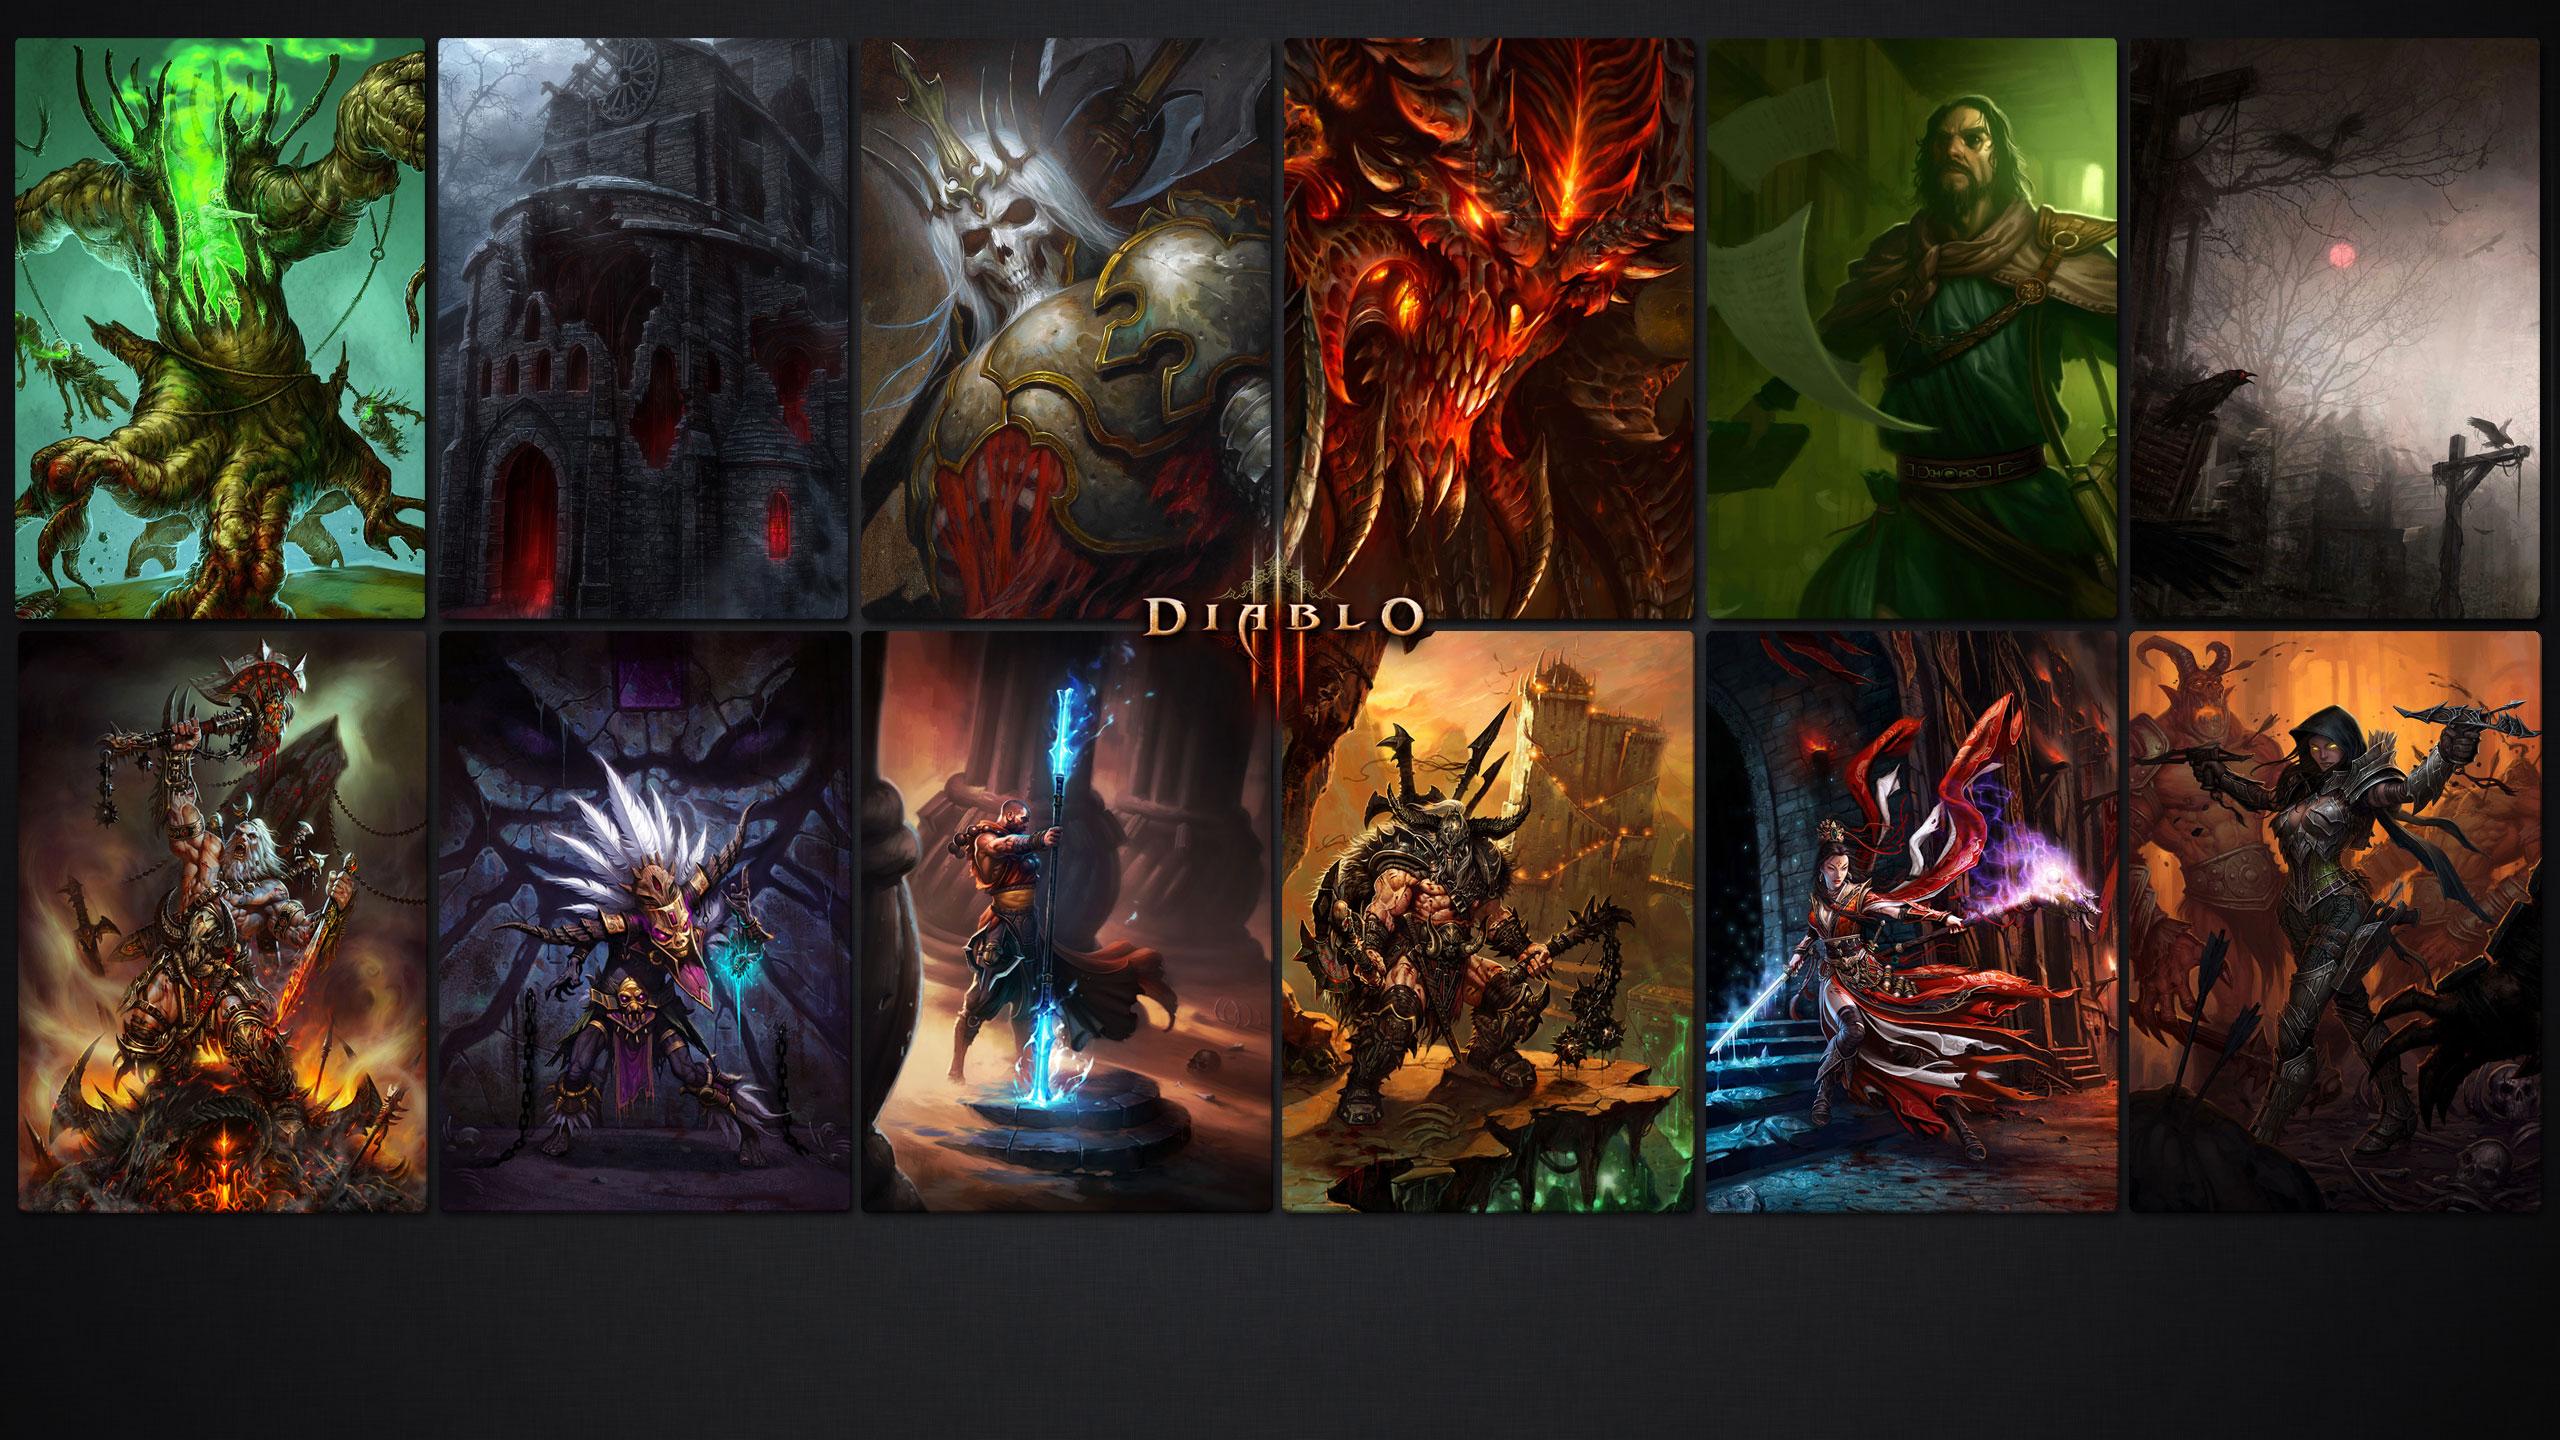 Tekken 6 3d Wallpapers Diablo Iii Full Hd Wallpaper And Background Image